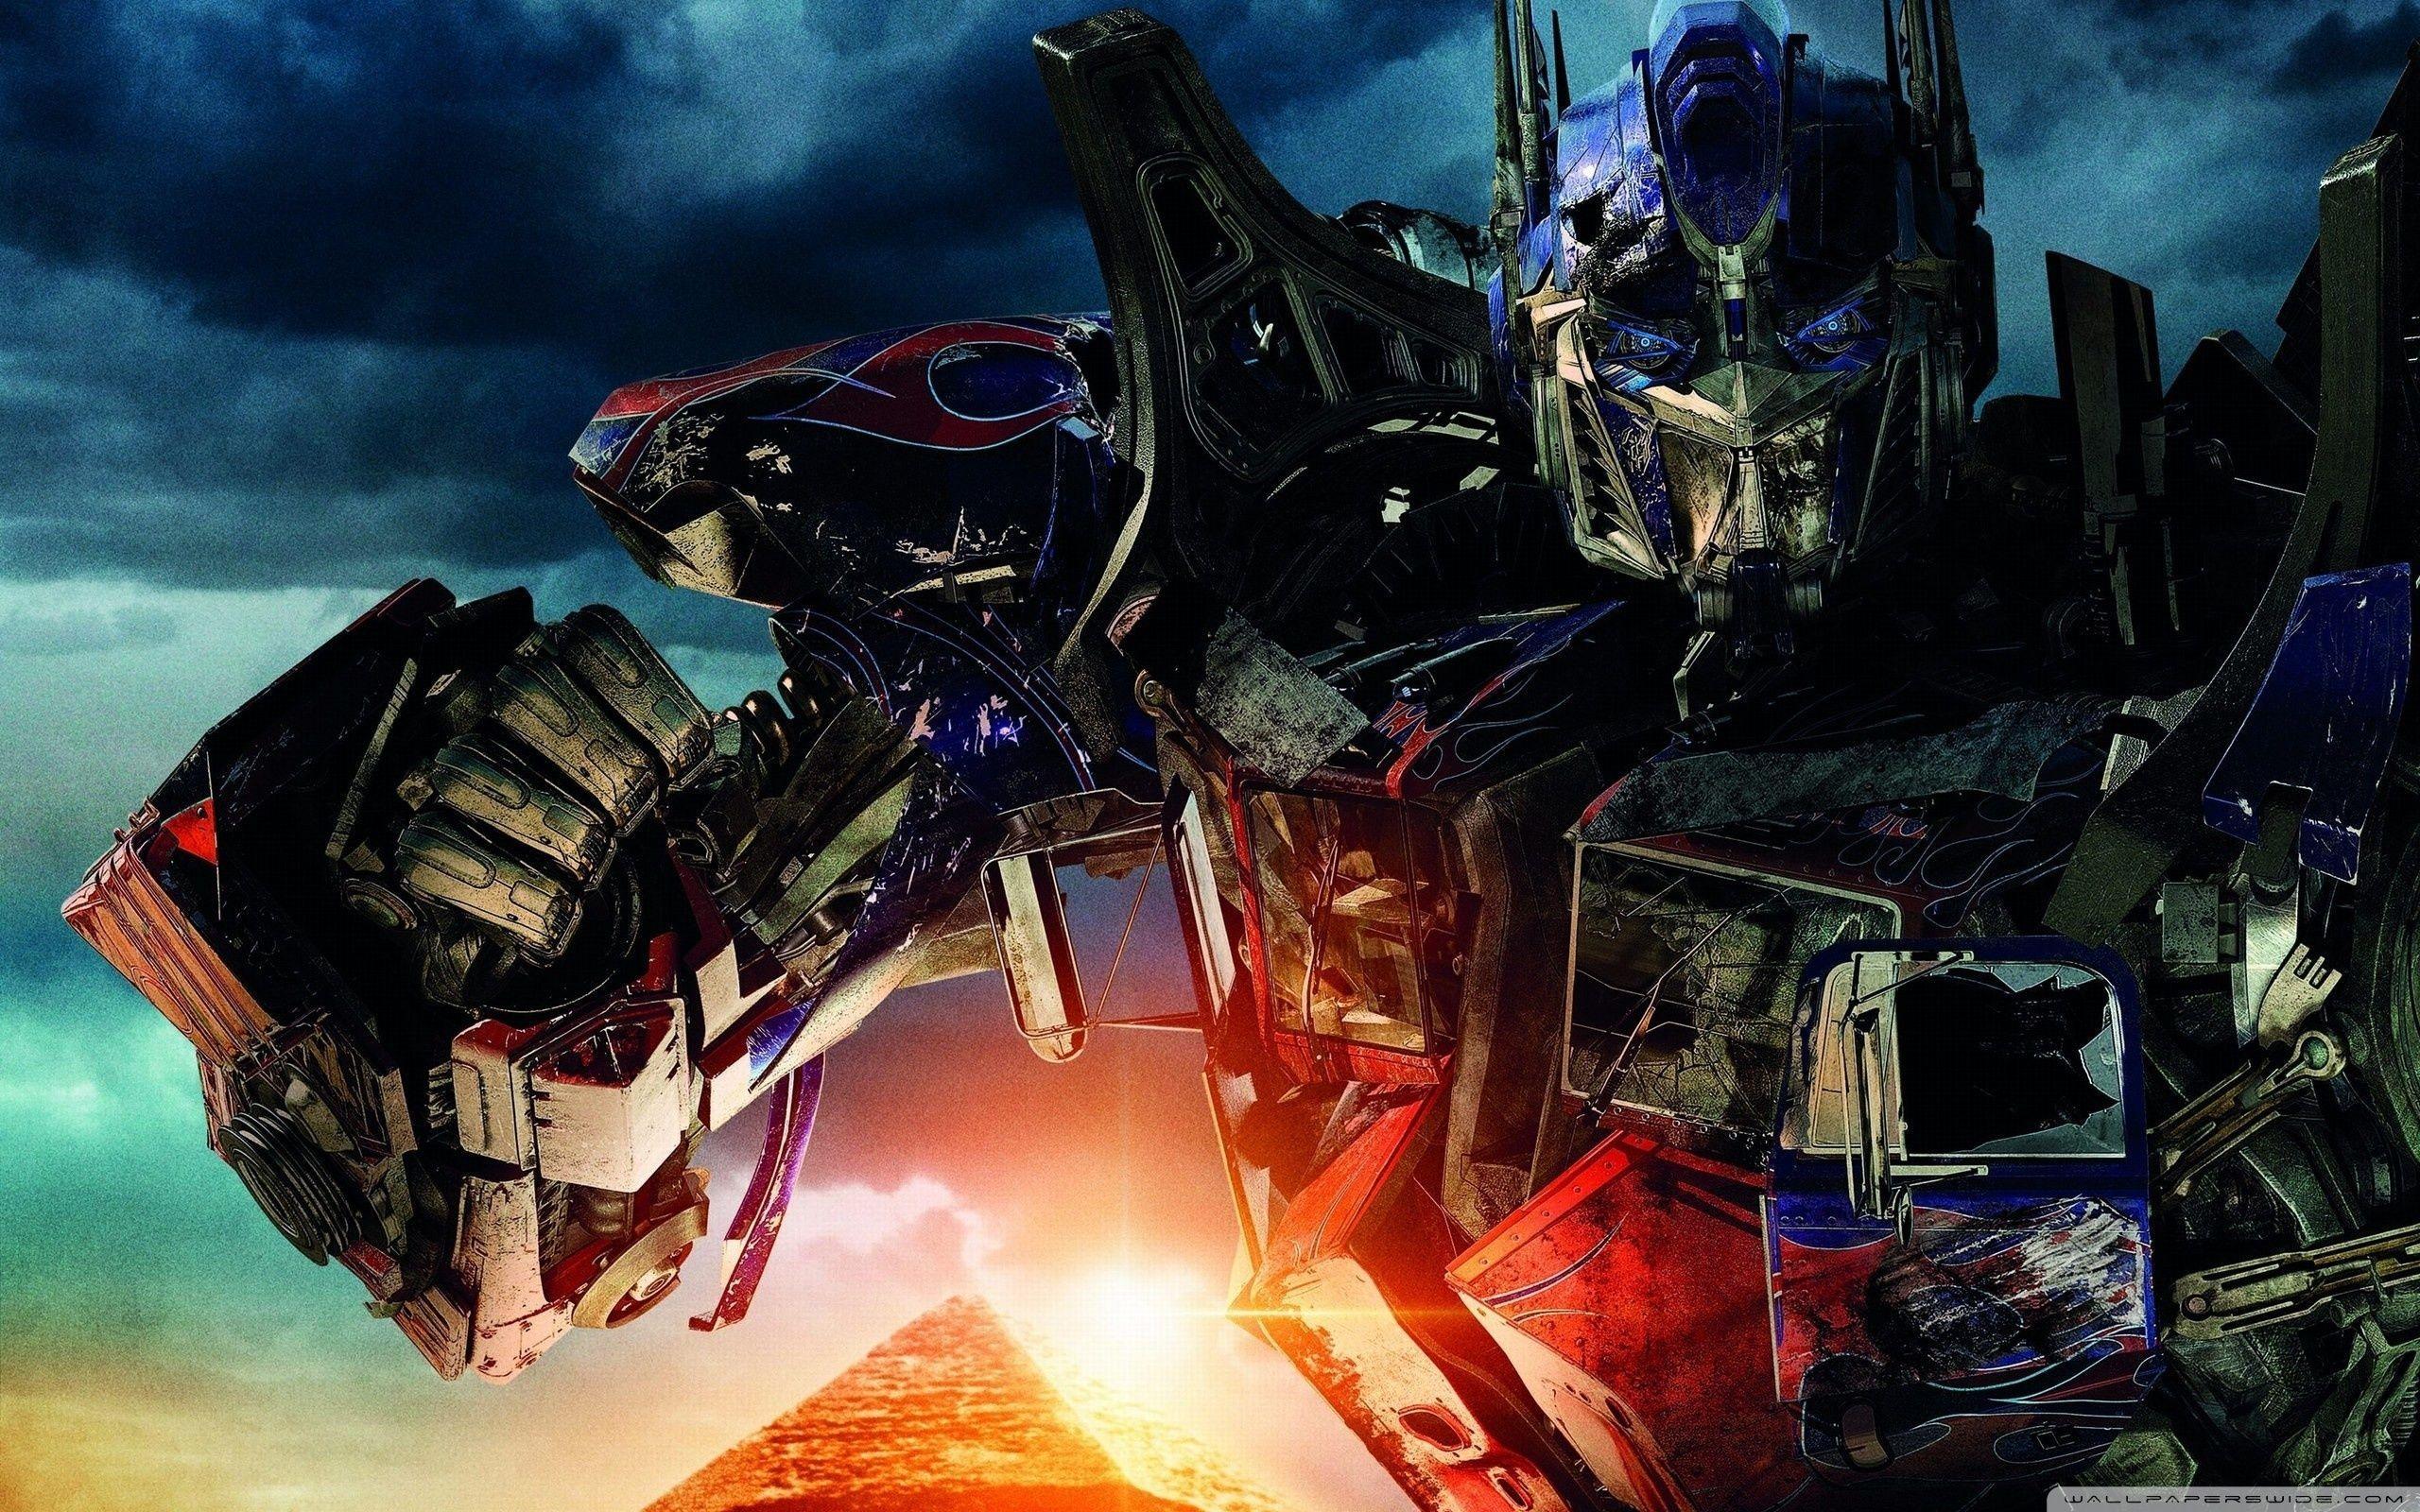 Transformers Wallpapers Optimus Prime - Wallpaper Cave